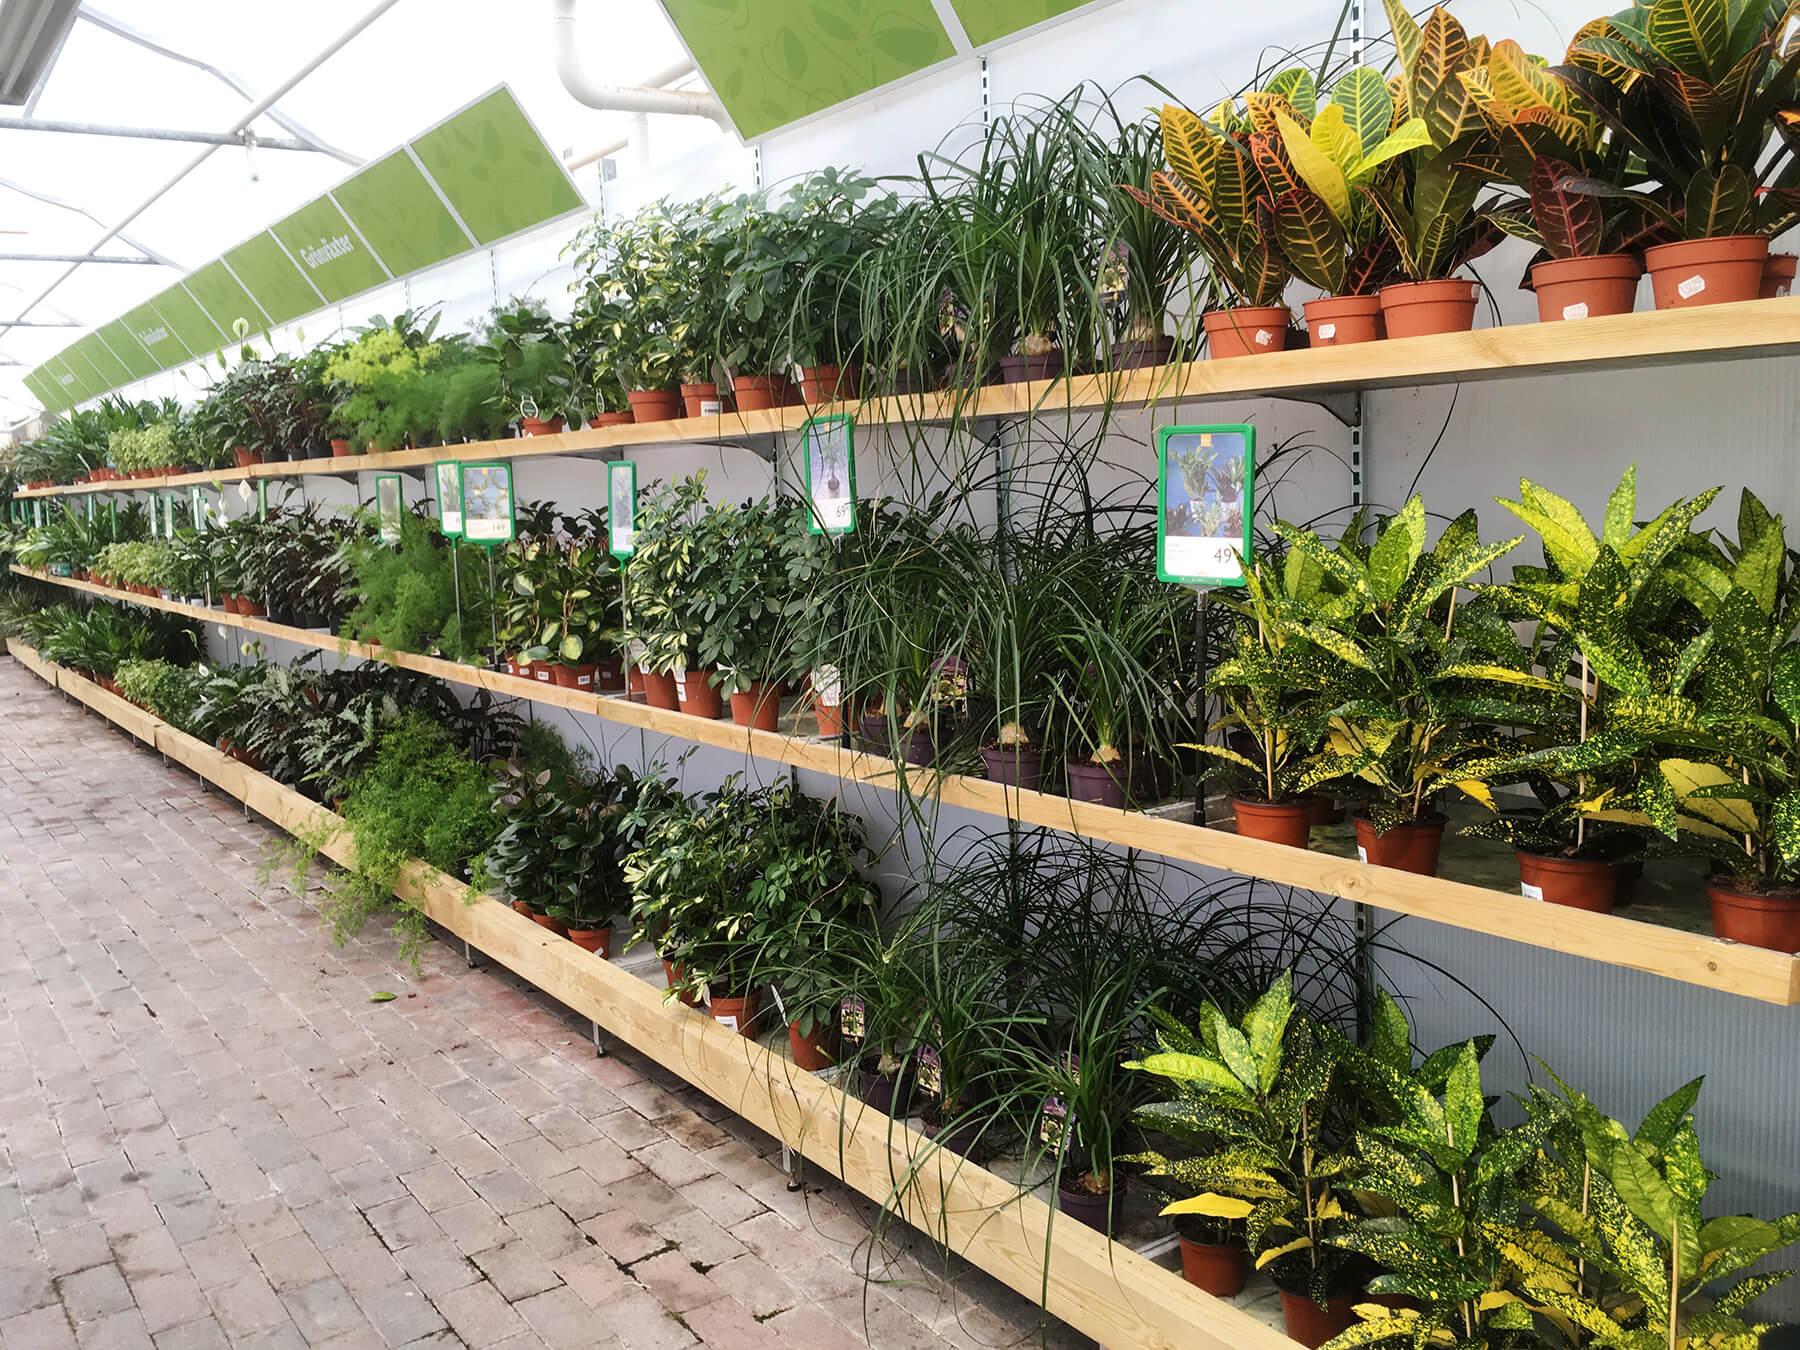 På Sollidens handelsträdgård hittar du alltid ett stort och fint sortiment av gröna växter. Här ser du en del av dem. Grönt är skönt!